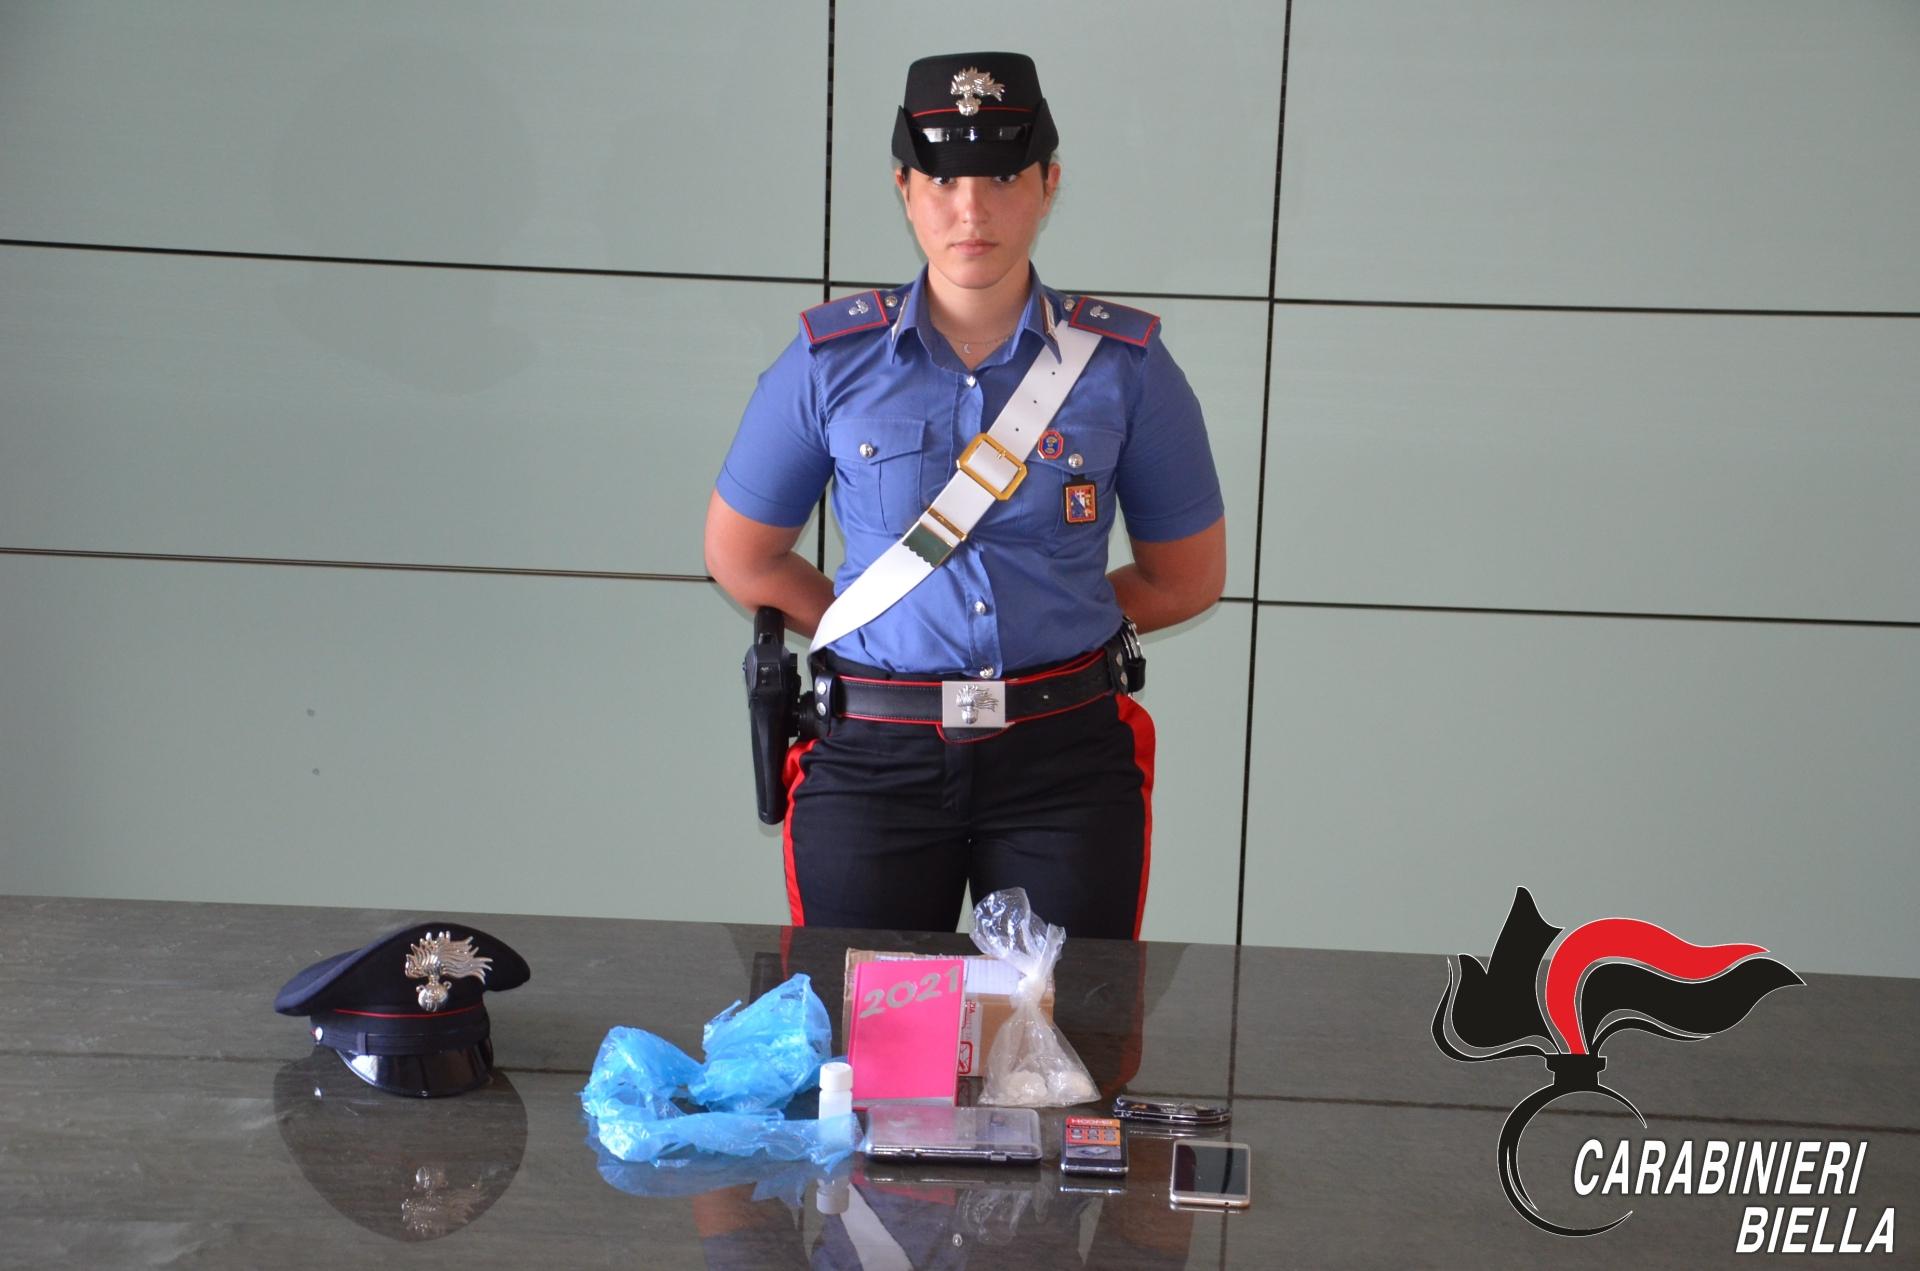 carabinieri di Biella